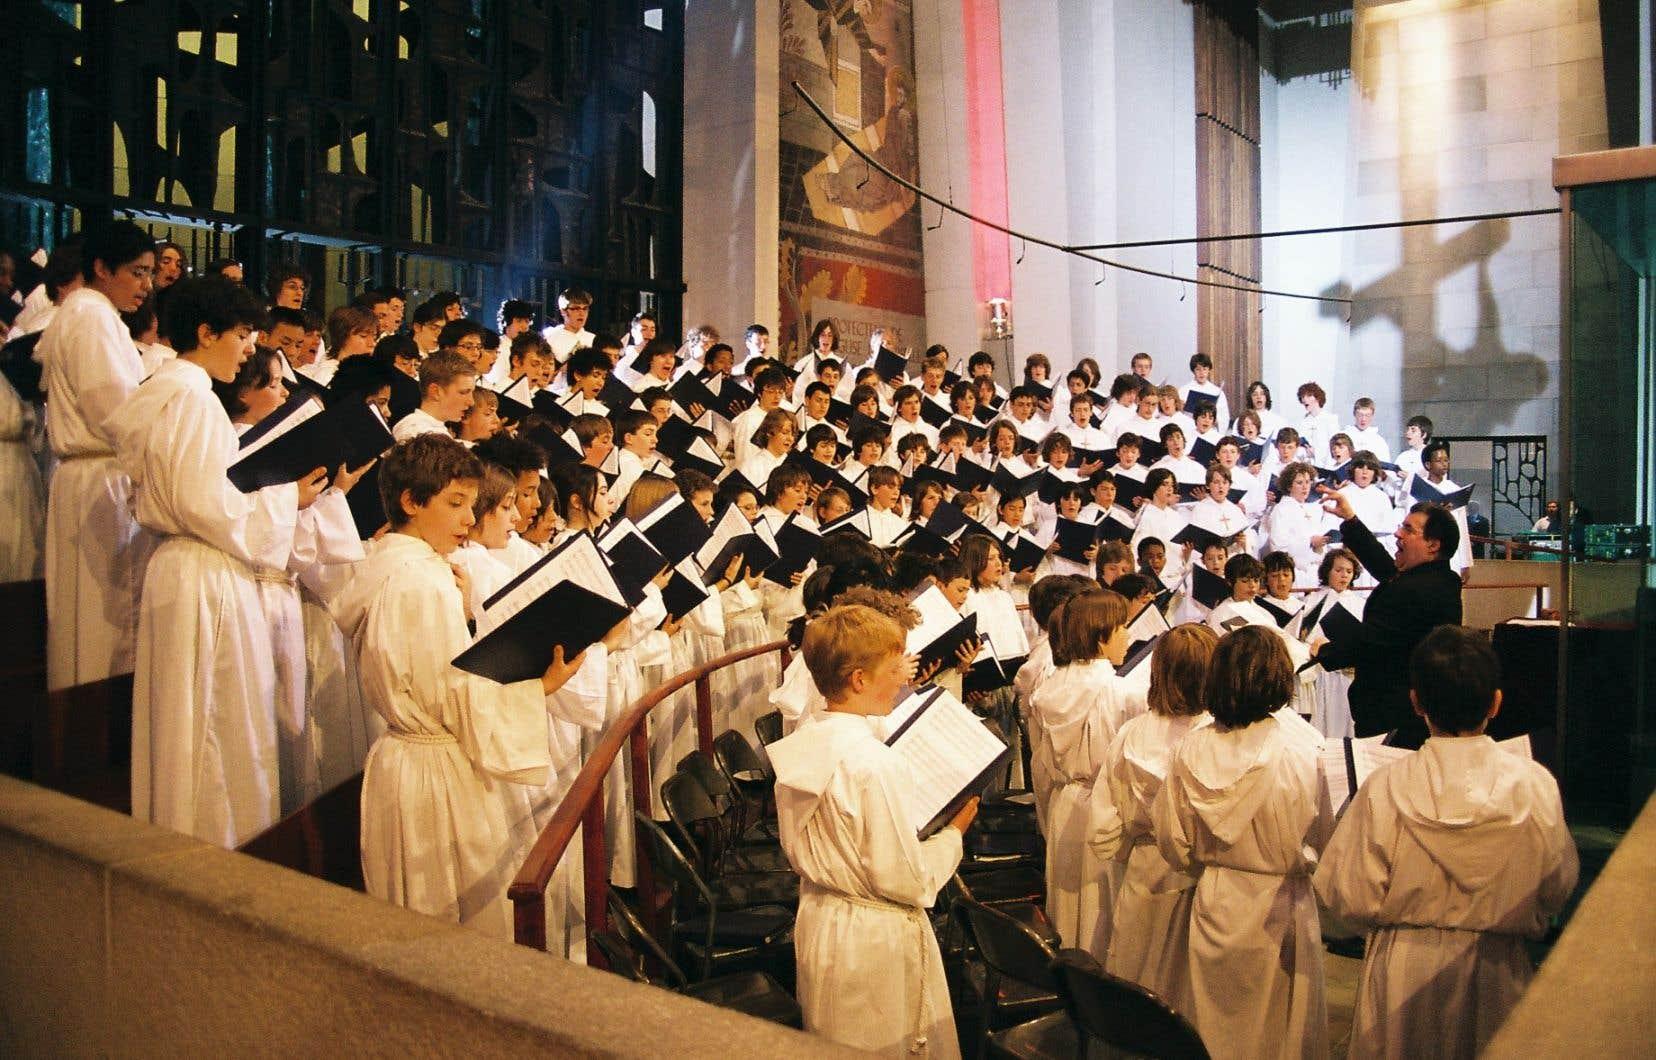 La CSDM a mis fin en mars dernier à une entente historique qui permettait aux Petits Chanteurs du Mont-Royal d'être scolarisés gratuitement (en plus de frais accessoires) au collège Notre-Dame, une école privée située juste en face de l'oratoire Saint-Joseph.